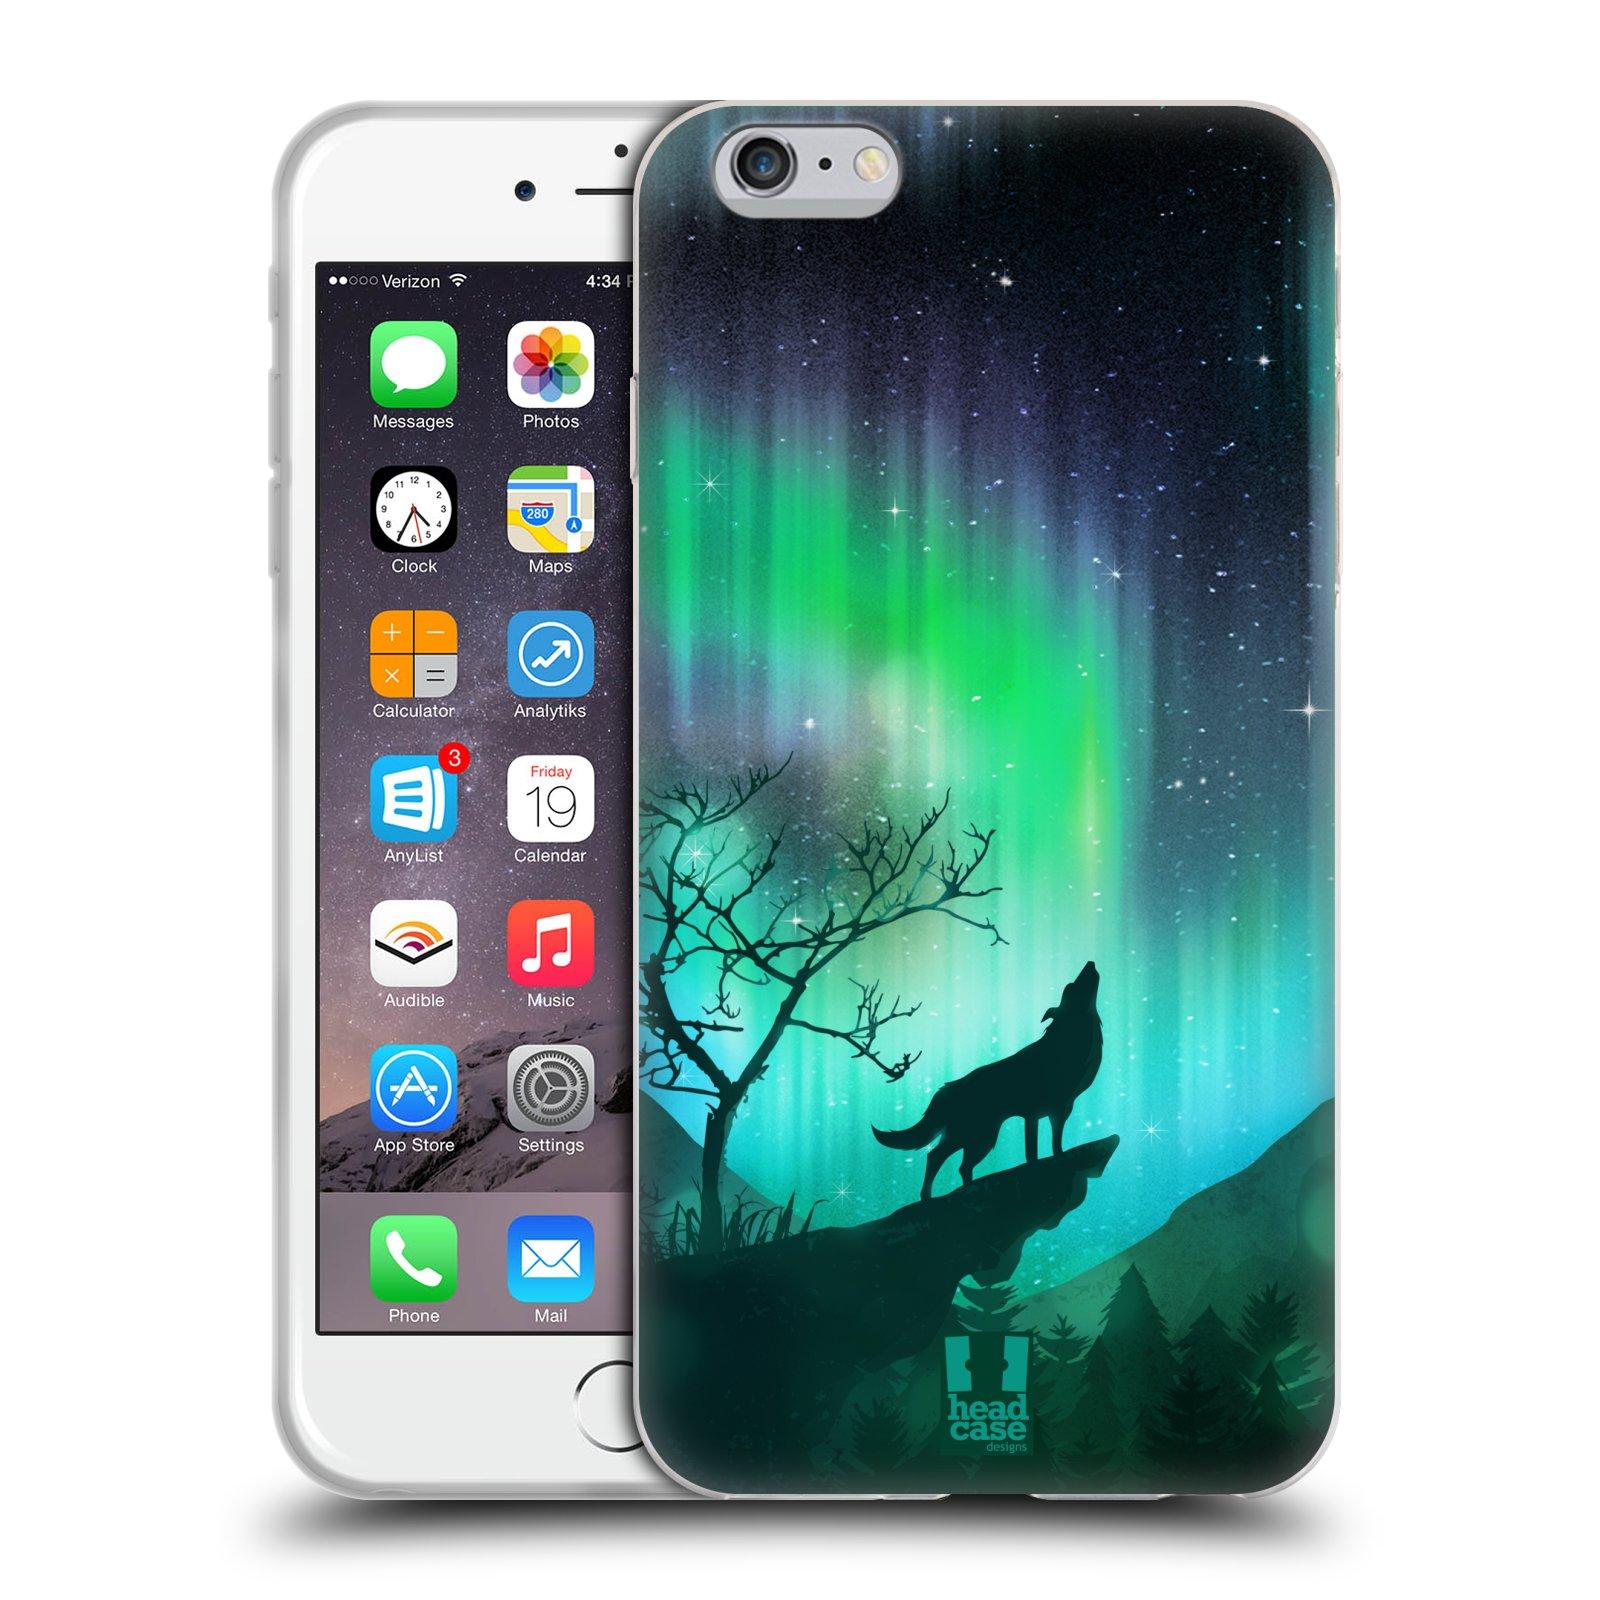 HEAD CASE silikonový obal na mobil Apple Iphone 6 PLUS/ 6S PLUS vzor Severní polární záře VYJÍCÍ VLK ZELENÁ